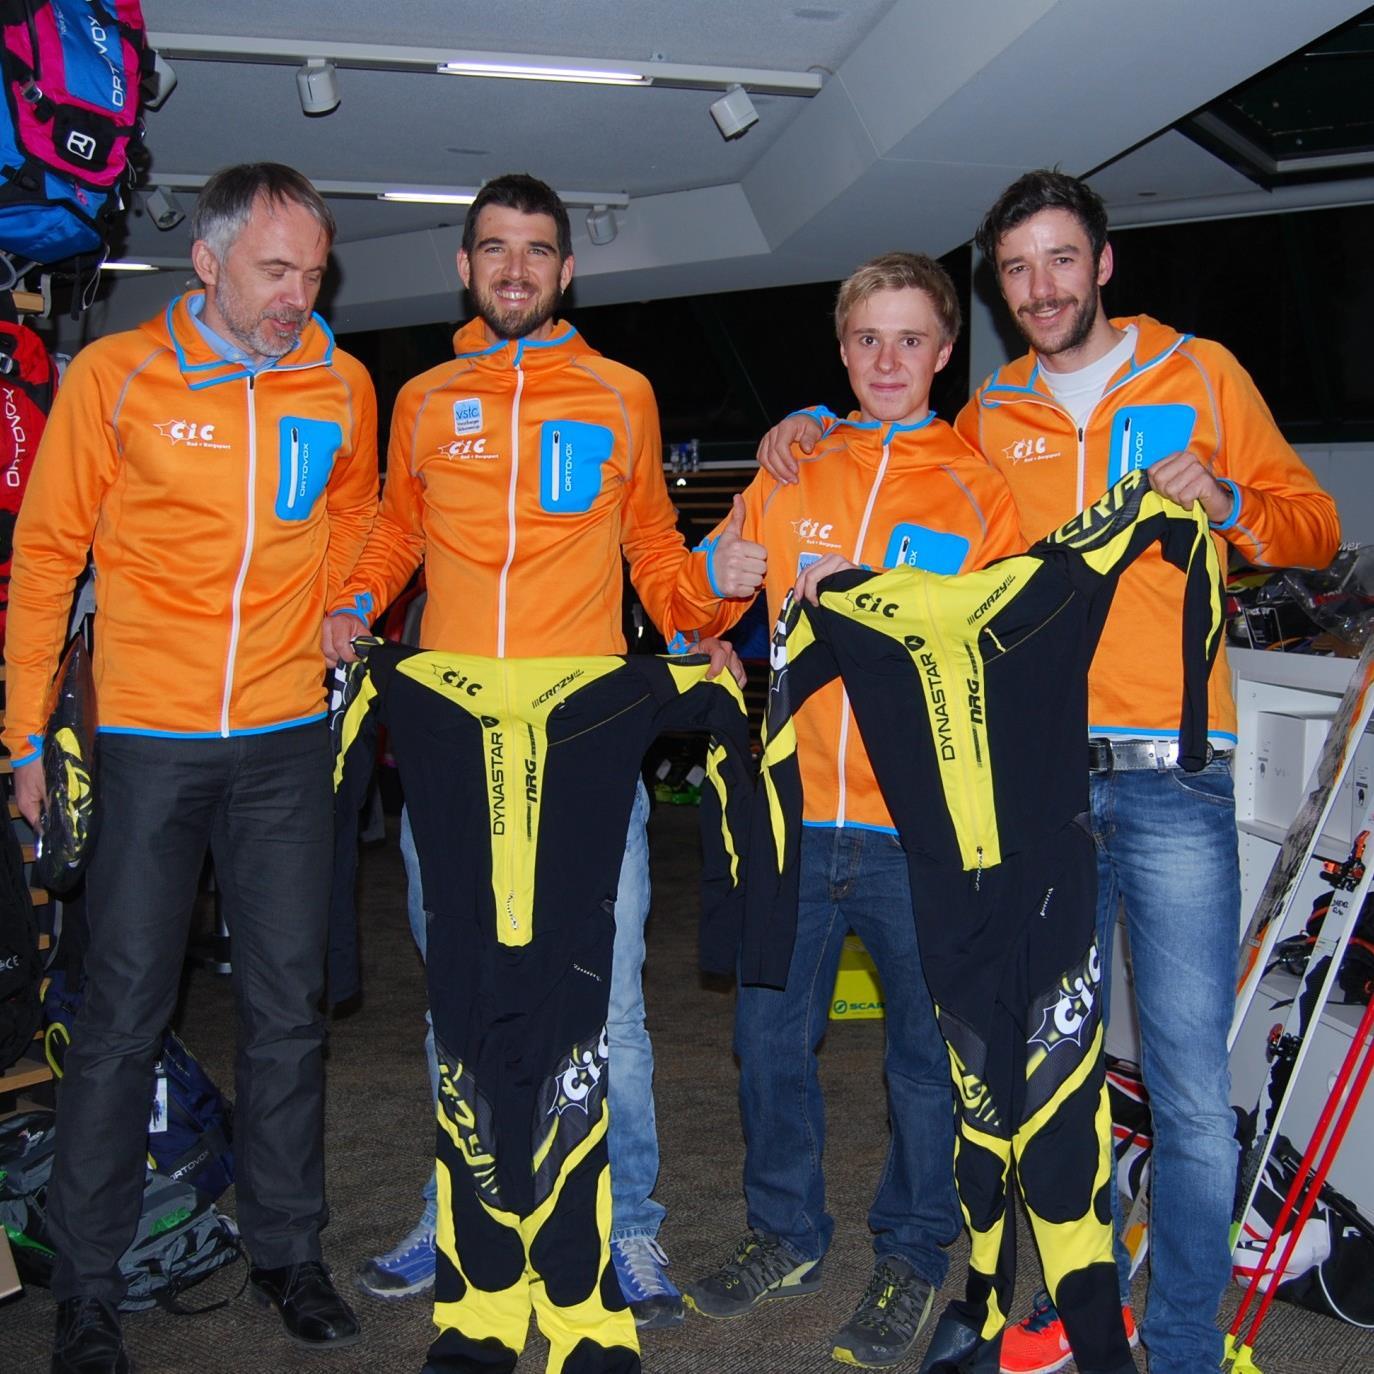 Das neue Dynastar Skibergsteiger Team mit Johannes Graf, Klaus Drexel, Andreas Neuper und David Kögler.